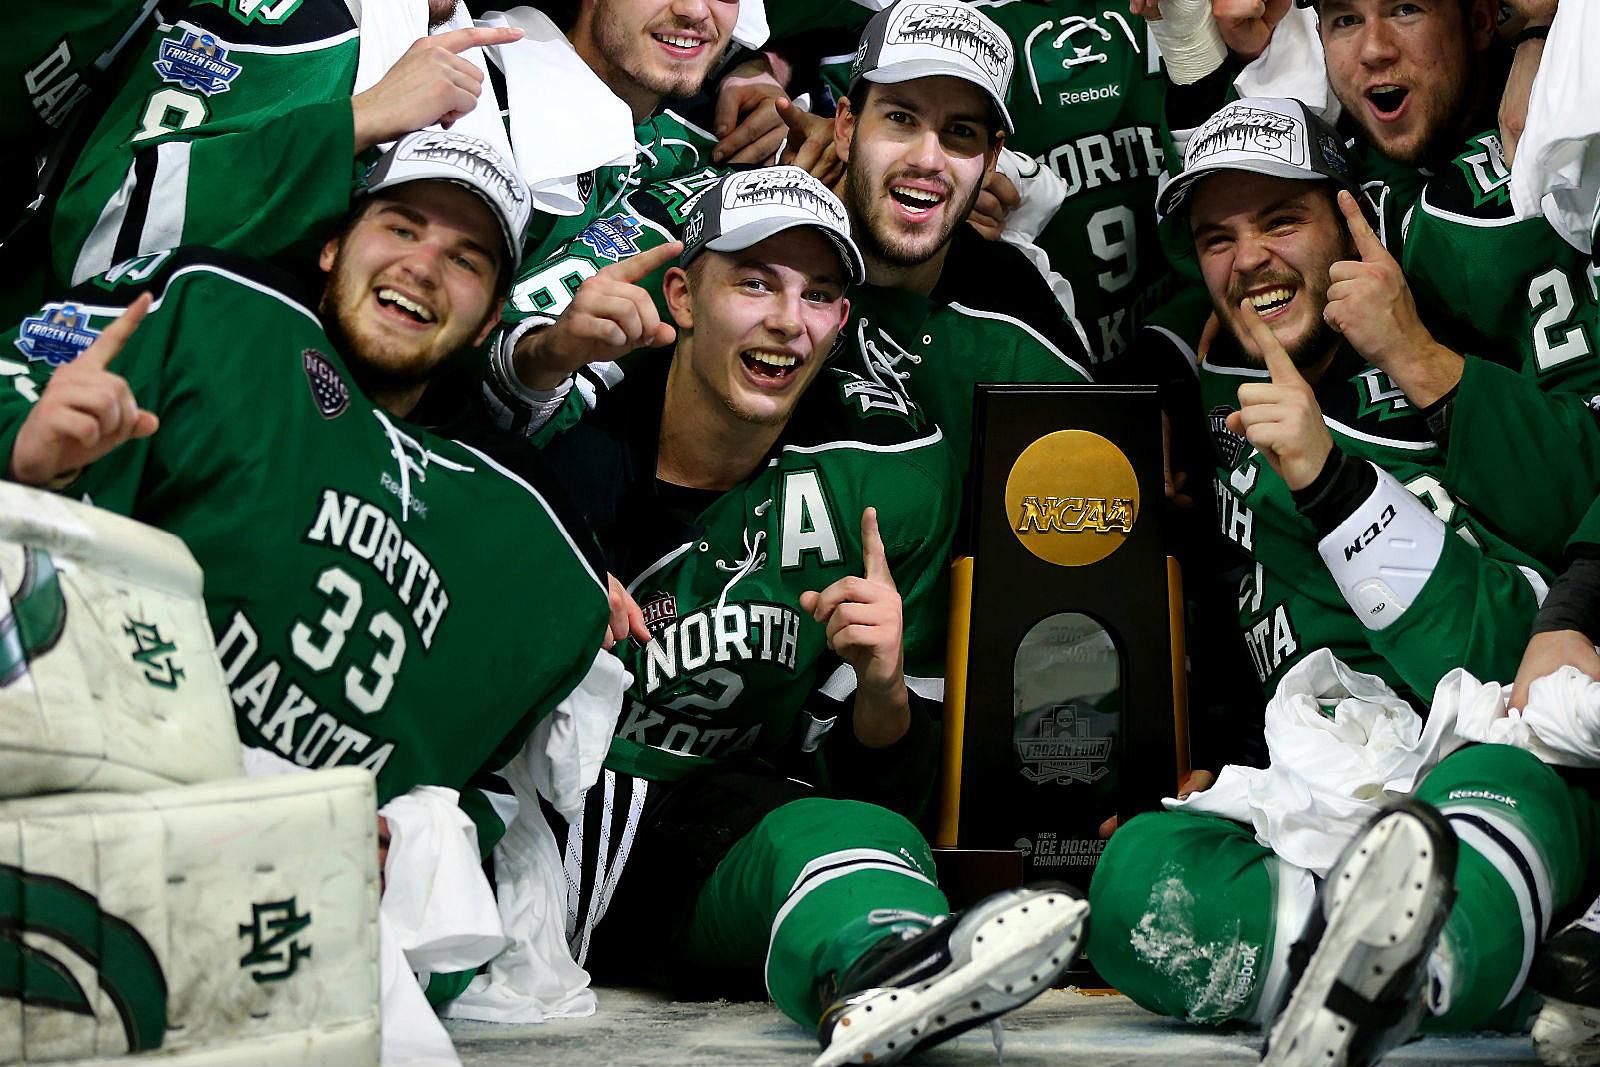 University of North Dakota Hockey